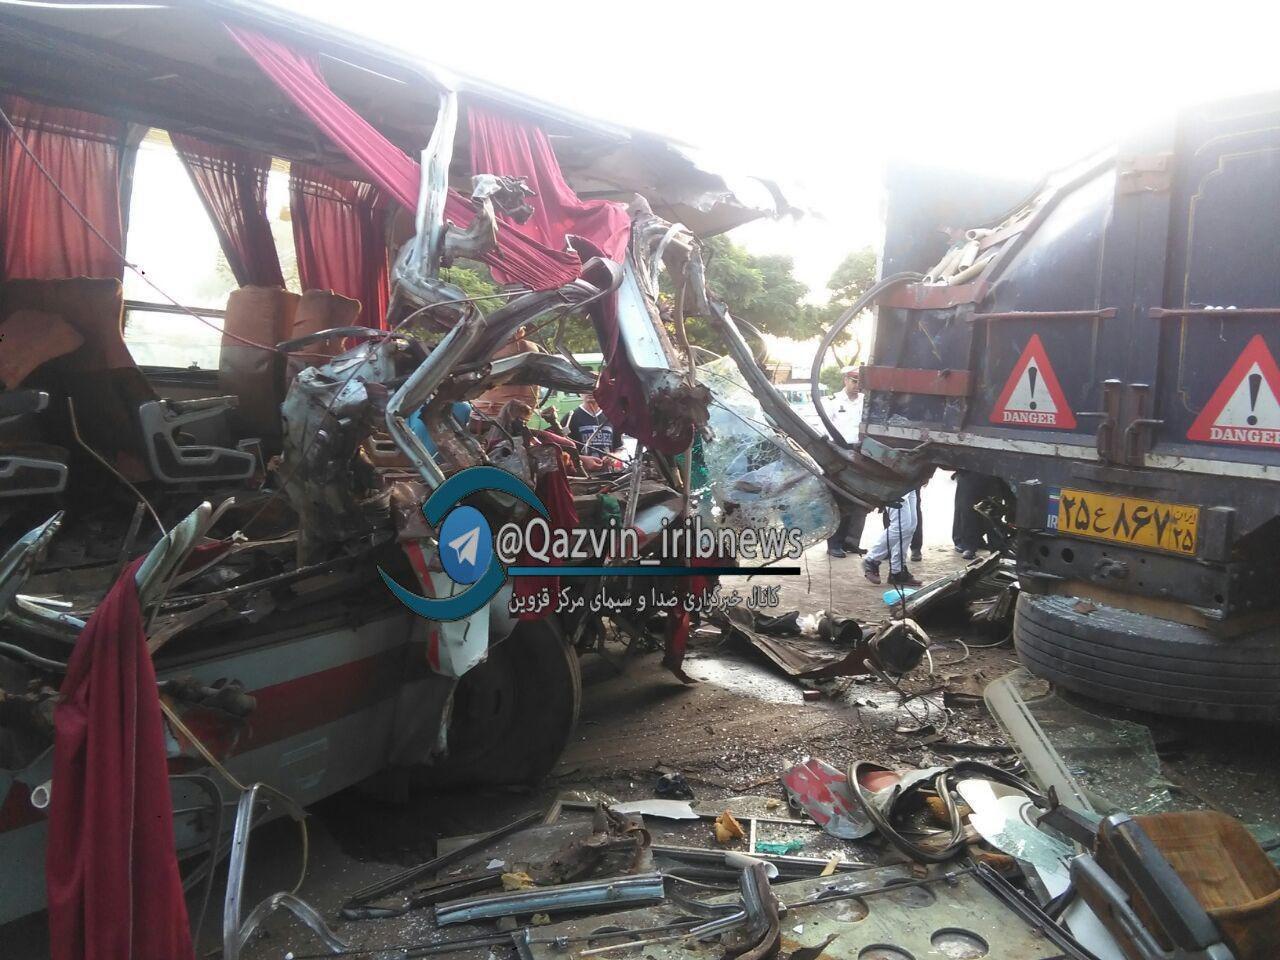 یک کشته و ۱۵زخمی در تصادف اتوبوس در خراسان (+عکس)